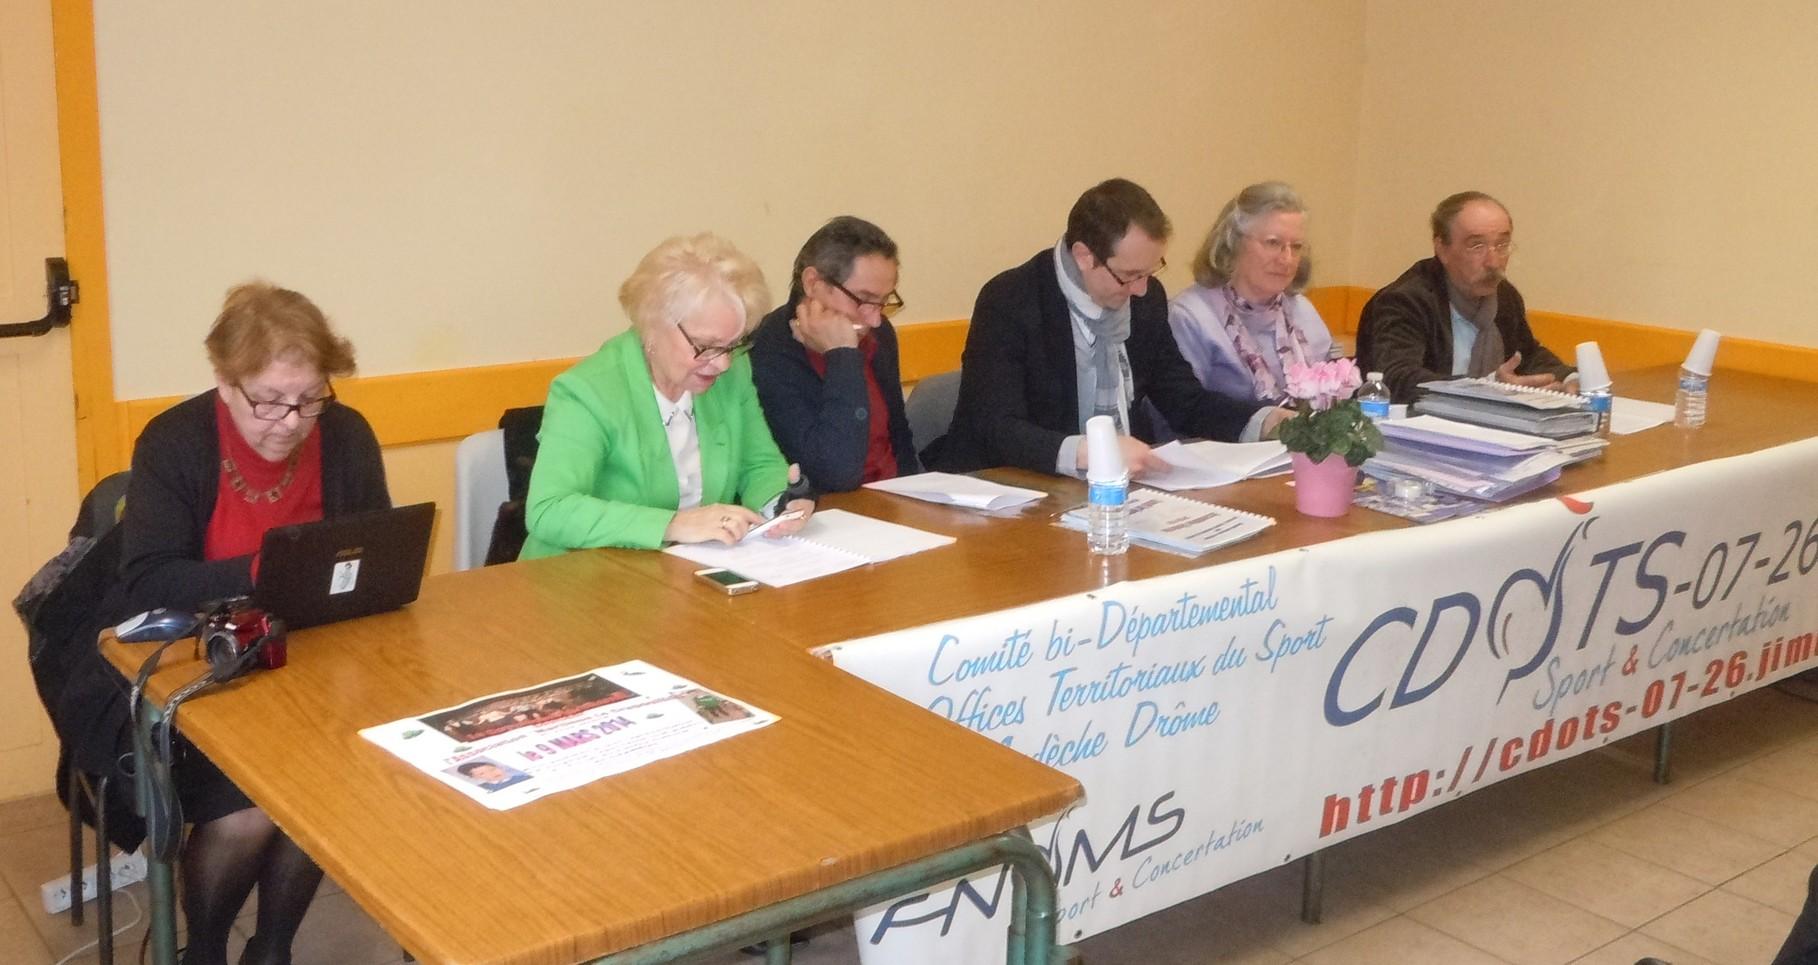 La Tribune-Christiane Chalias, Odette Durand, Patrick Poux, P.J.Veyret, Yolande Saint-Clair, Daniel Camilli -